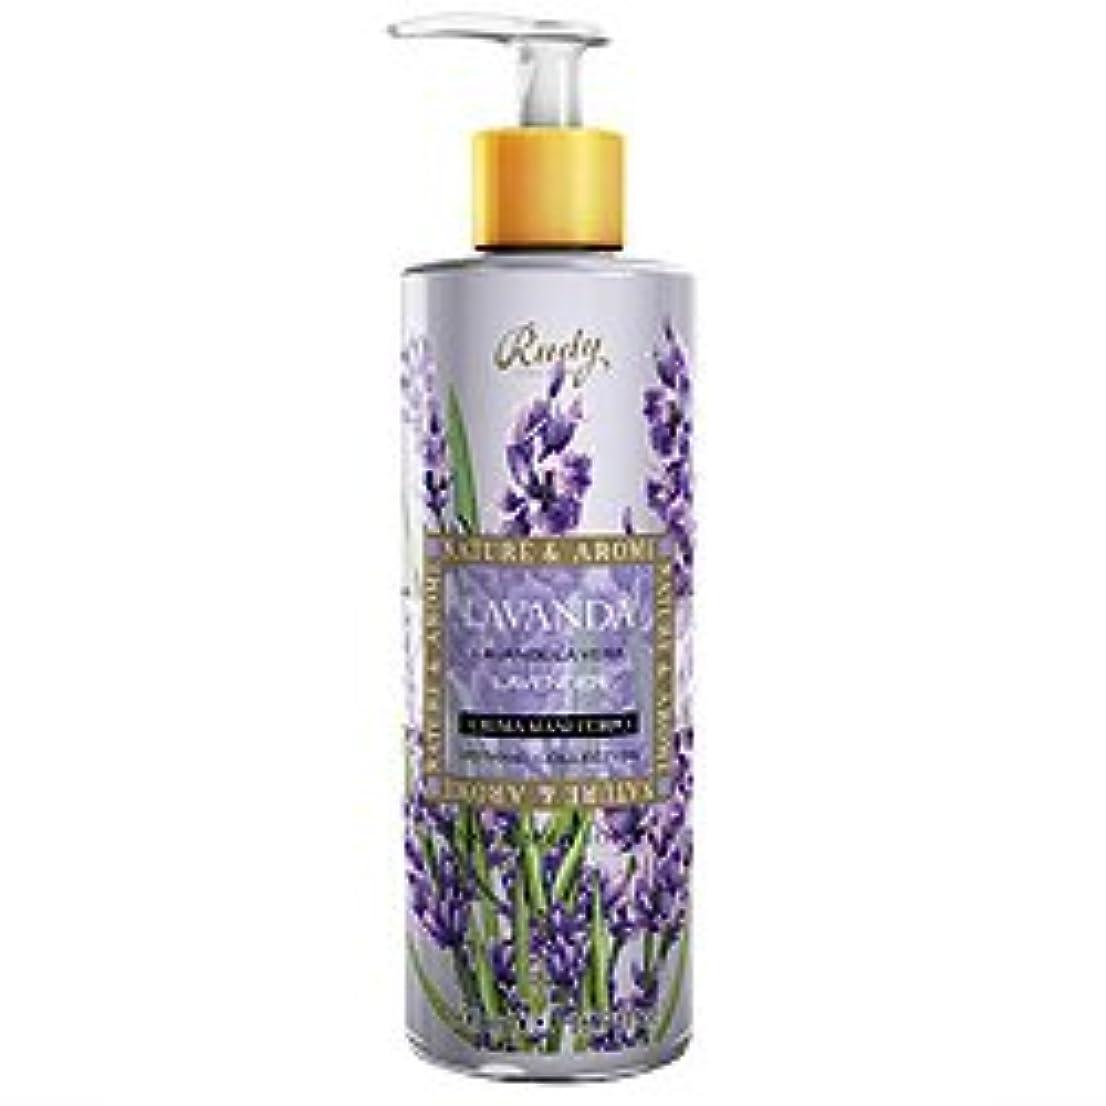 テセウスルーブラインドルディ(Rudy) ナチュール&アロマ ハンド&ボディローション ラベンダー 500ml 【並行輸入品】 RUDY Nature&Arome SERIES Hand&Body lotion Lavender